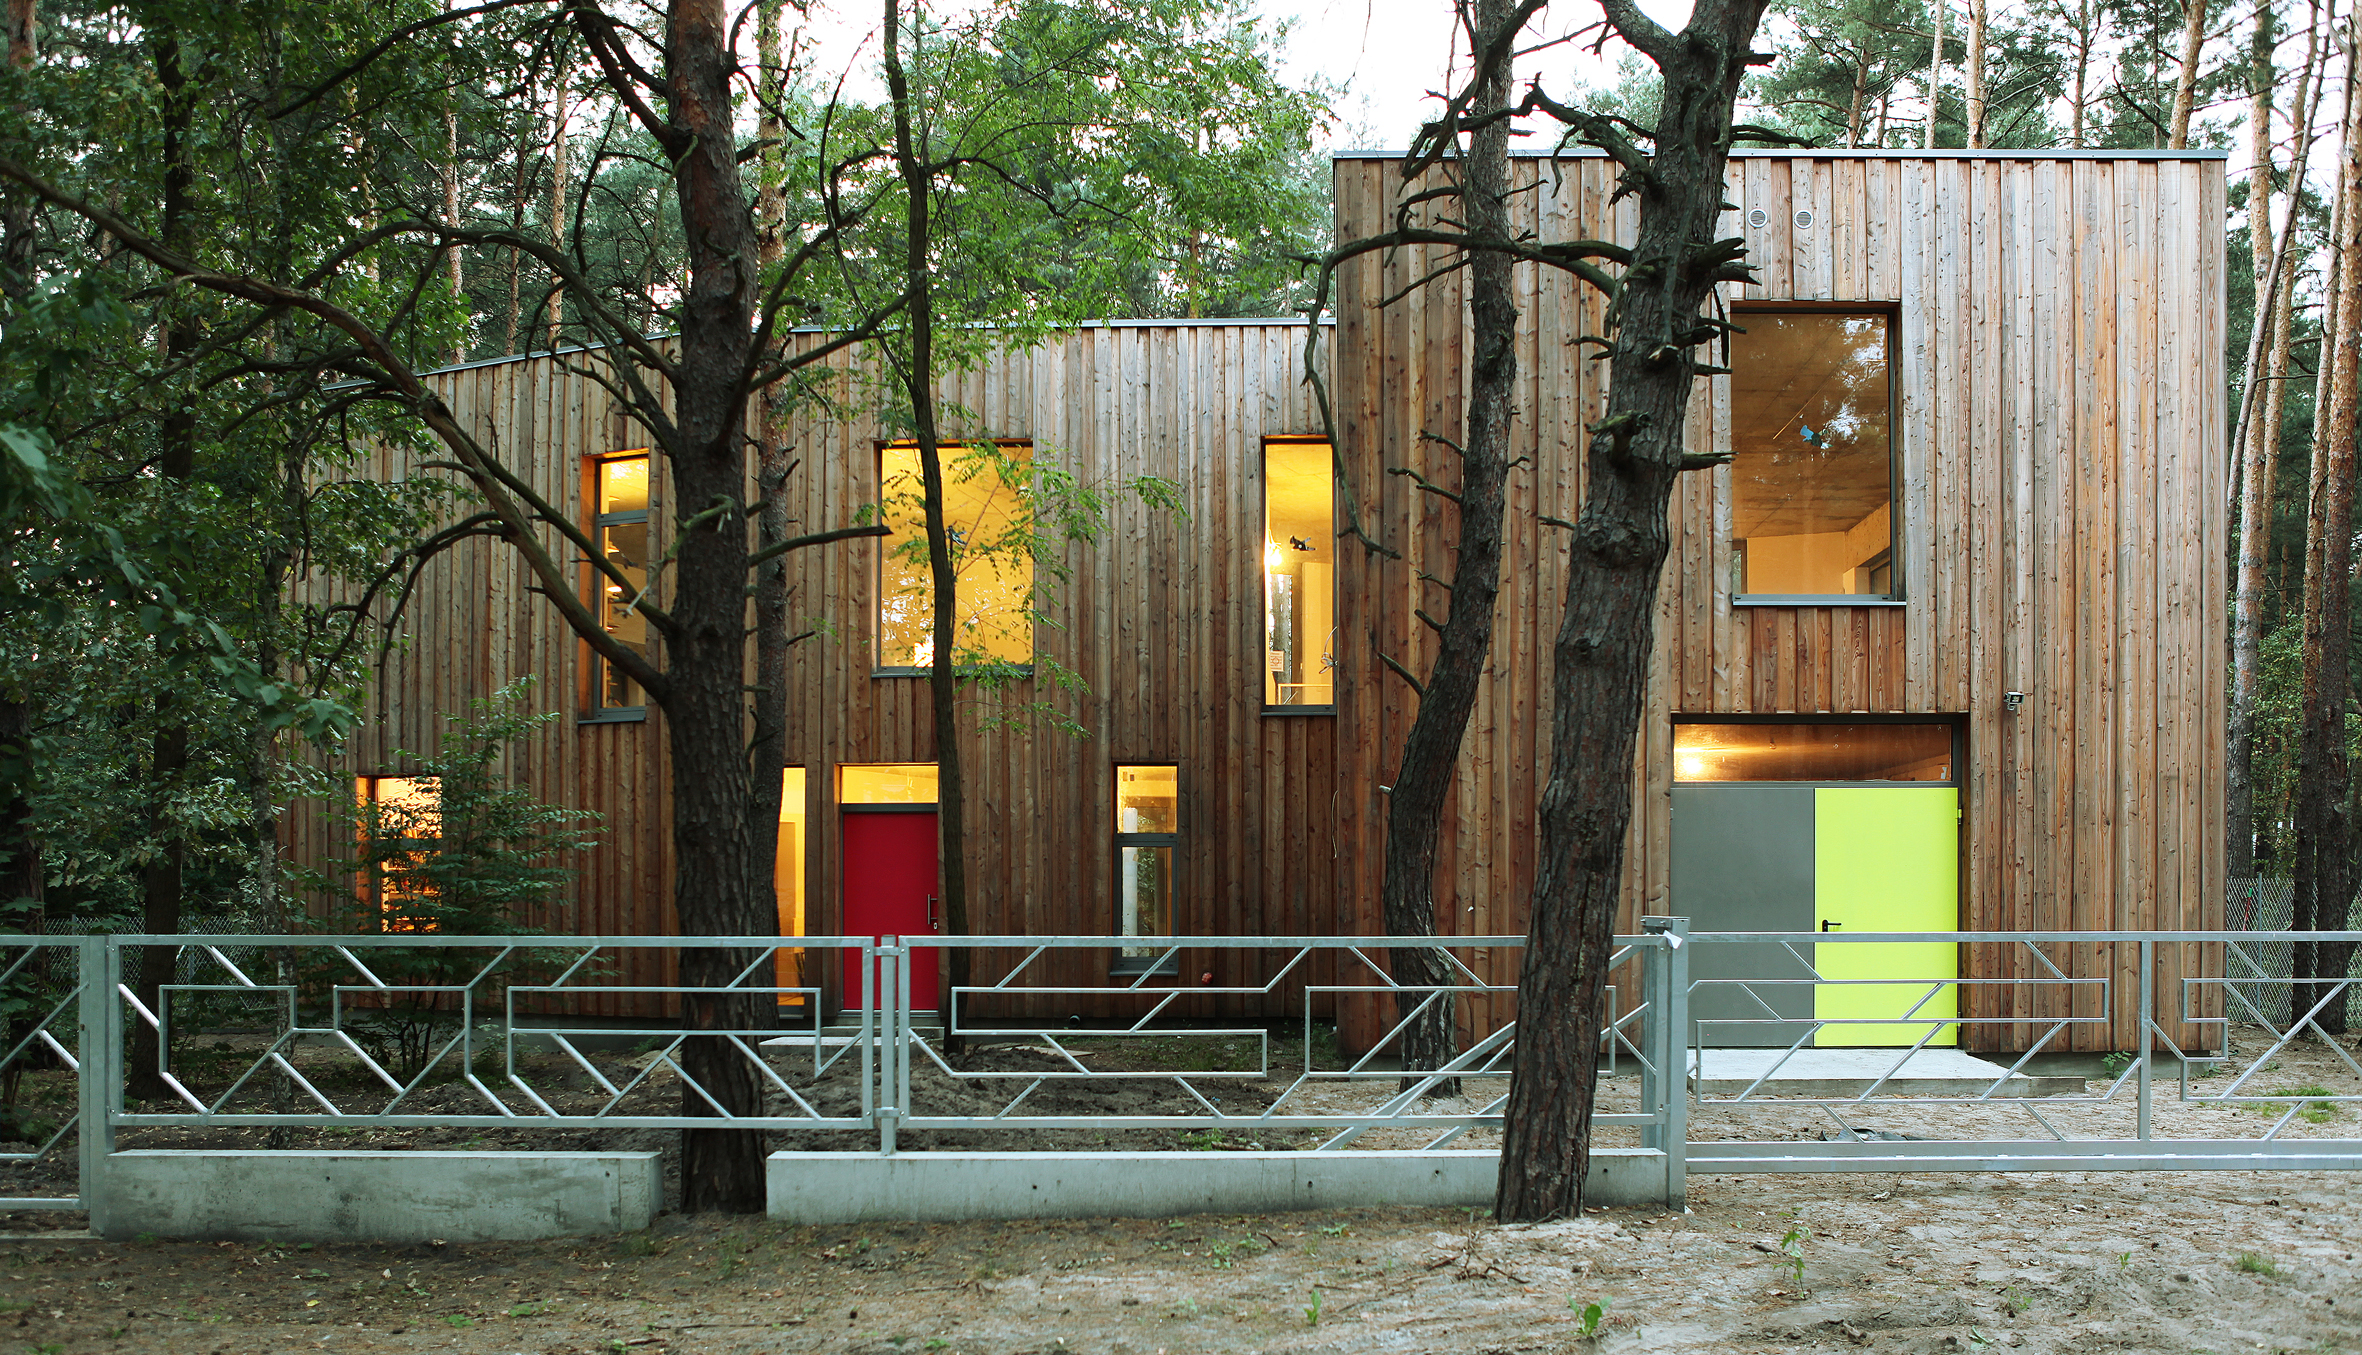 Małgorzata Sadowska-Sobczyk, dom własny w Józefowie, 2008-2012, fot. dzięki uprzejmości Małgorzaty Sadowskiej-Sobczyk